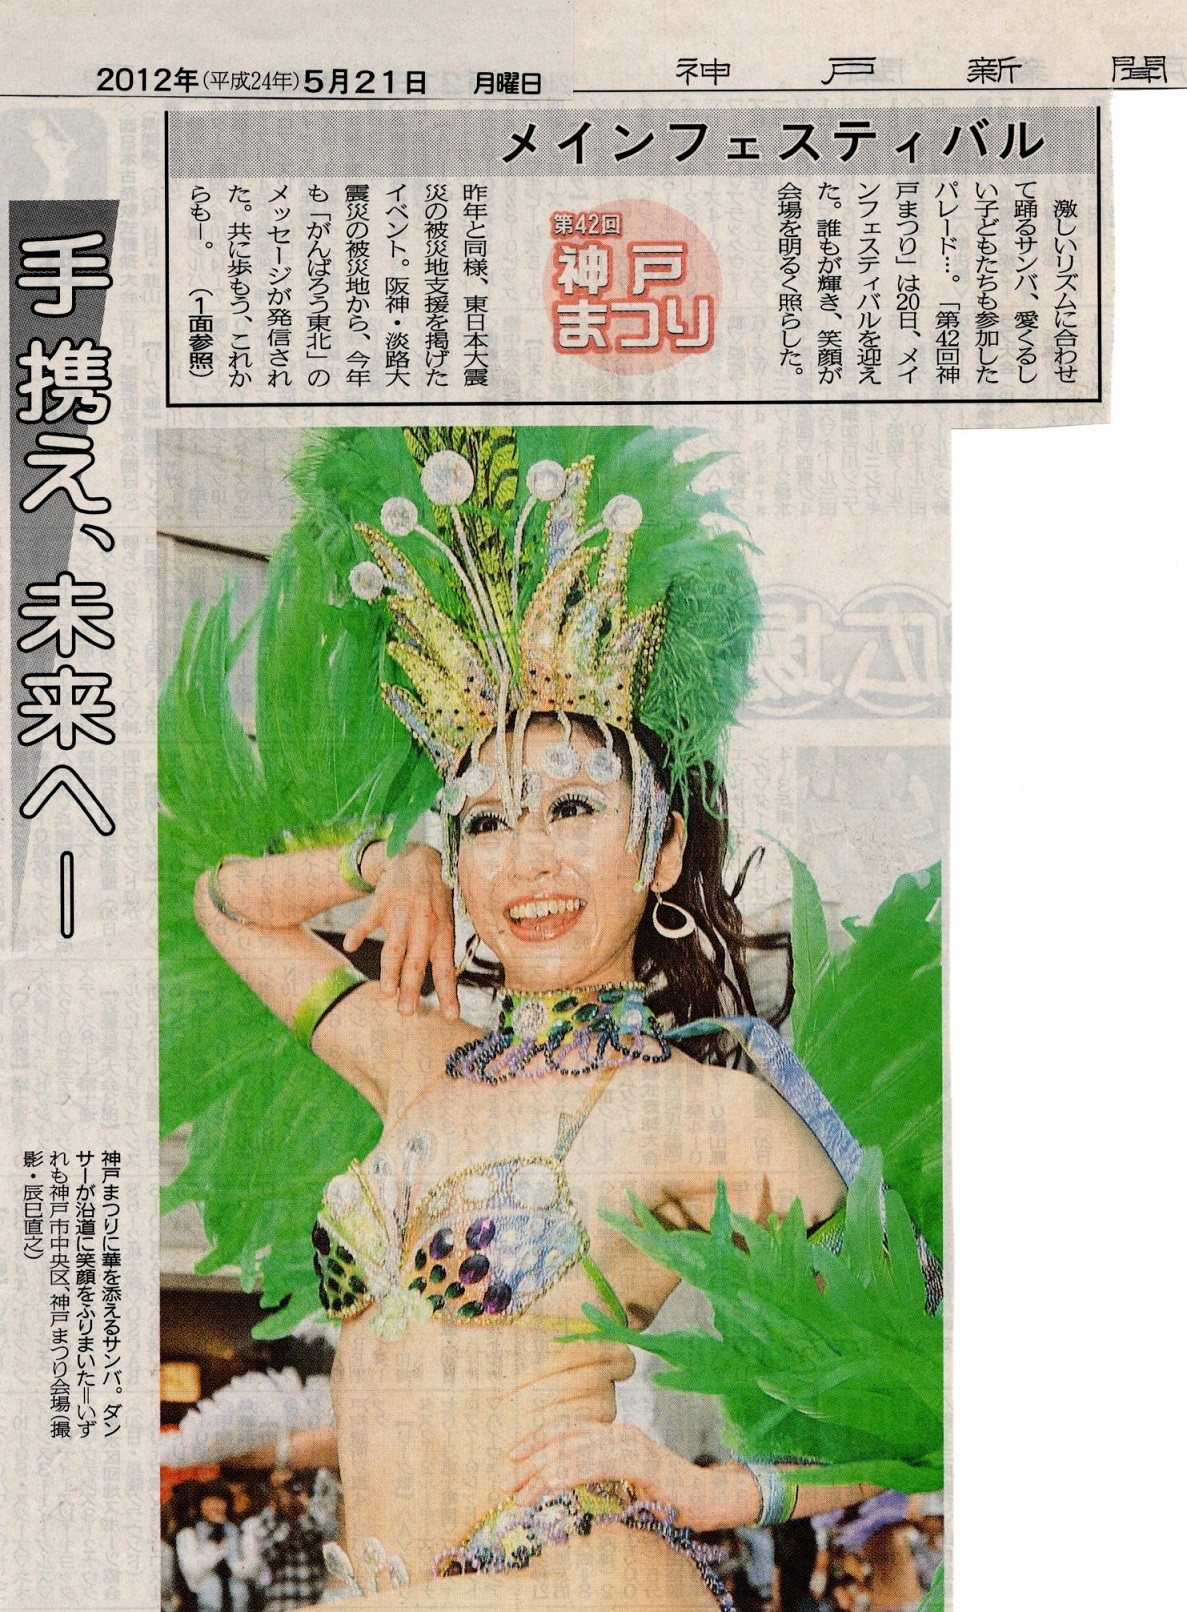 kobe_shinbun.jpg